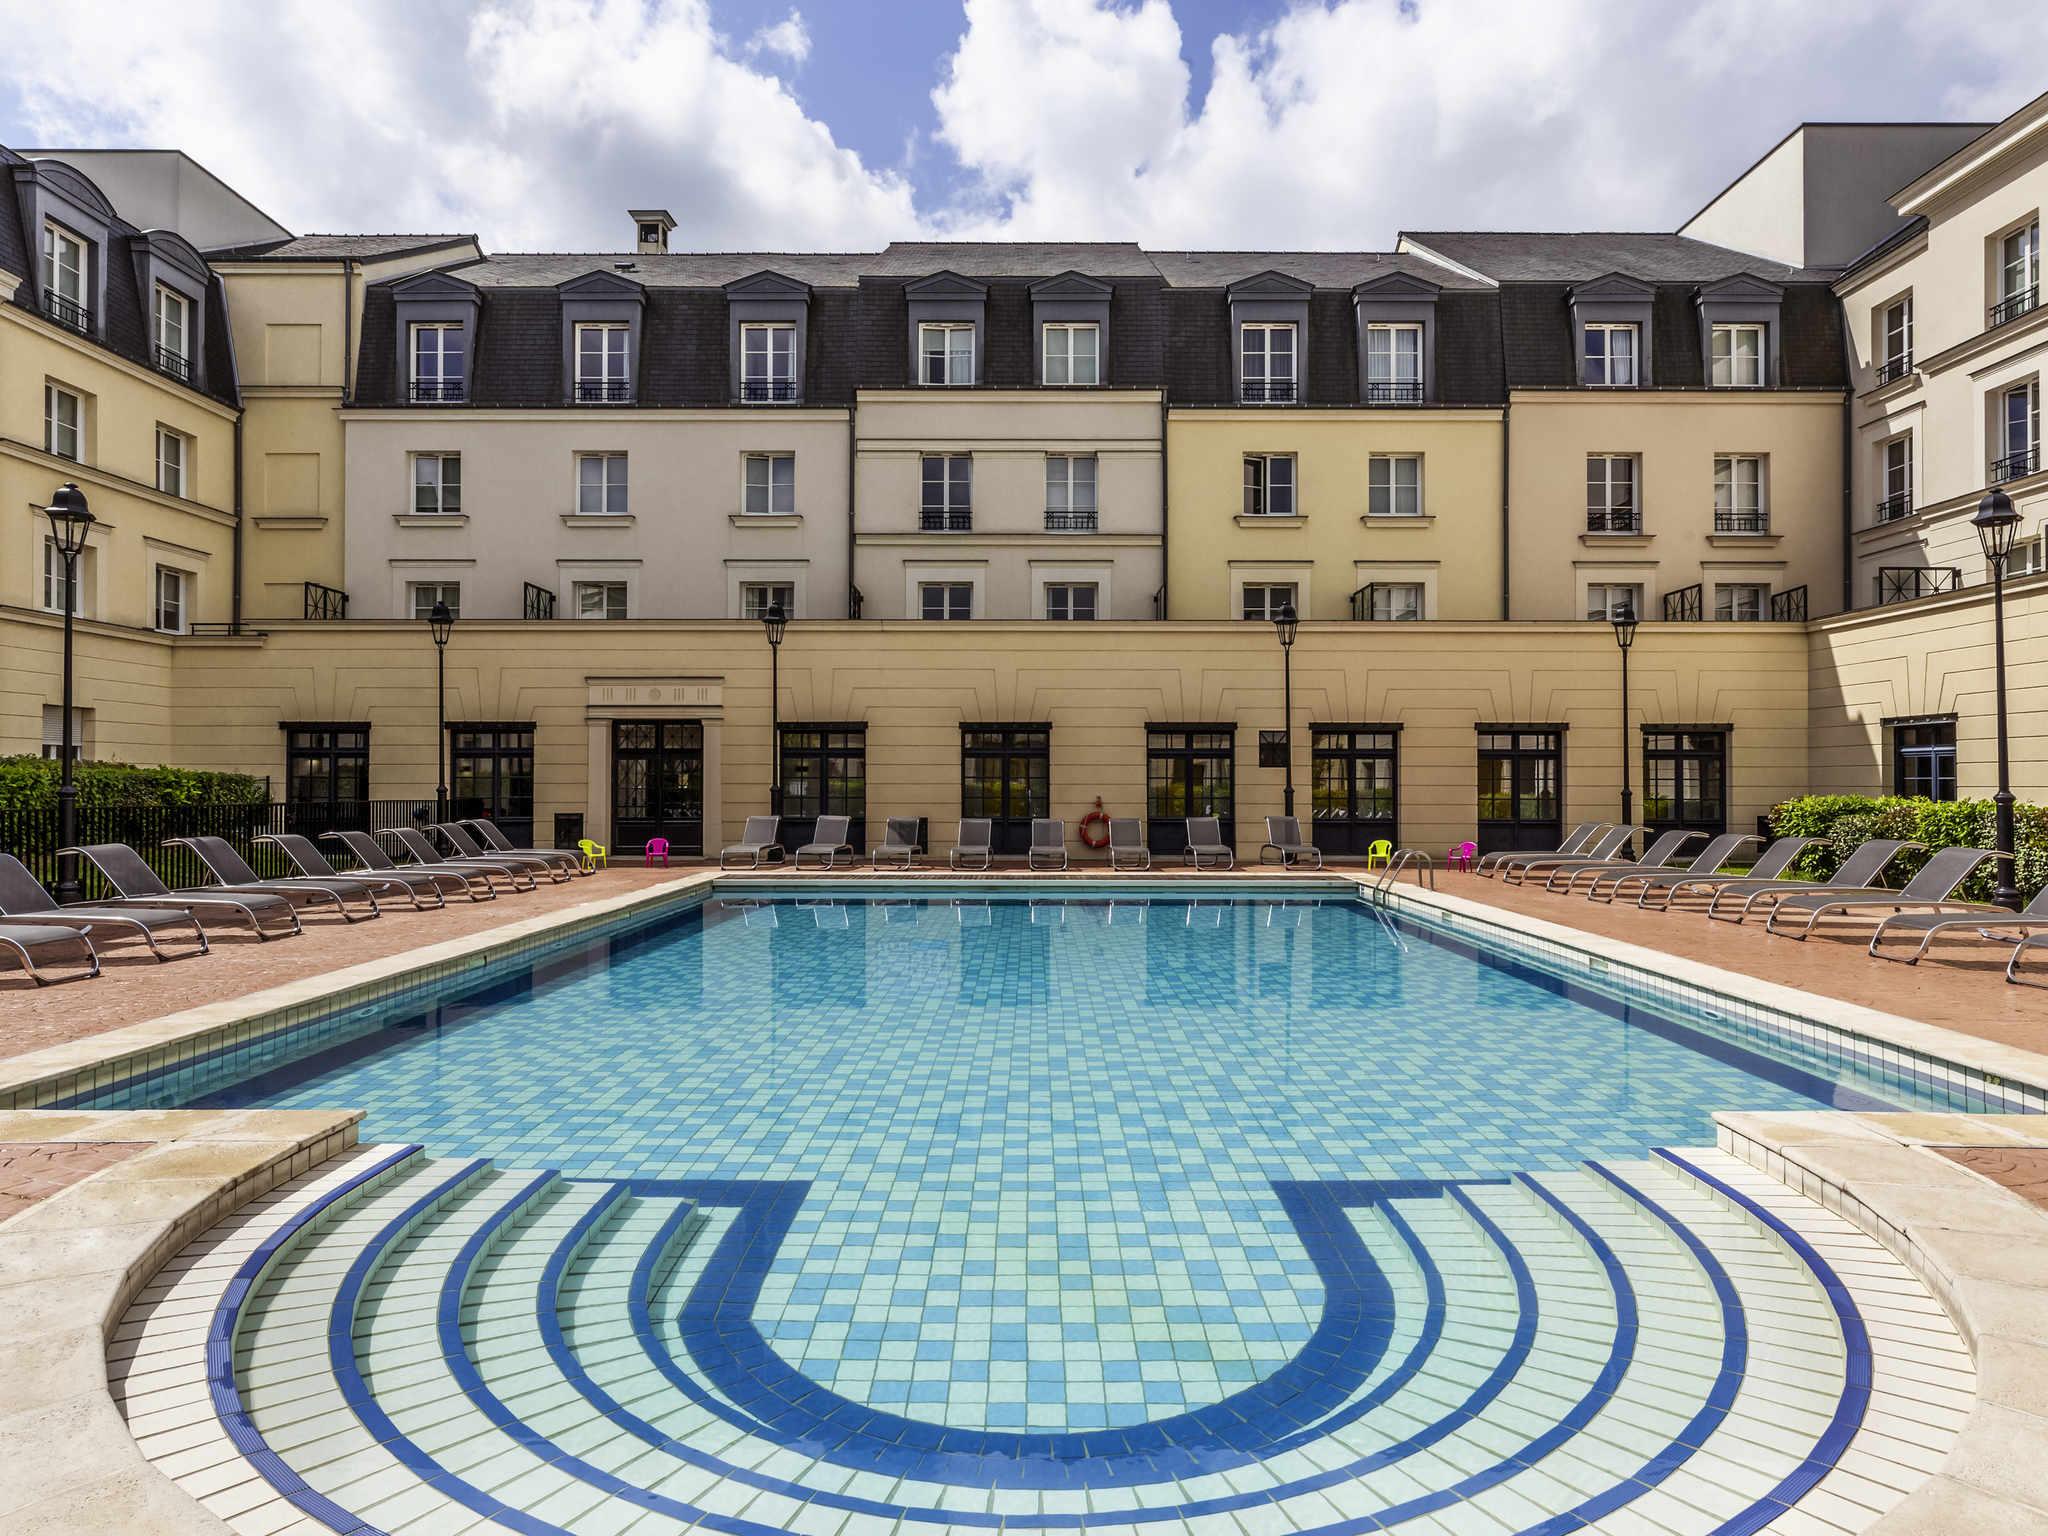 酒店 – 阿德吉奥赛里斯瓦尔欧洲希帕酒店